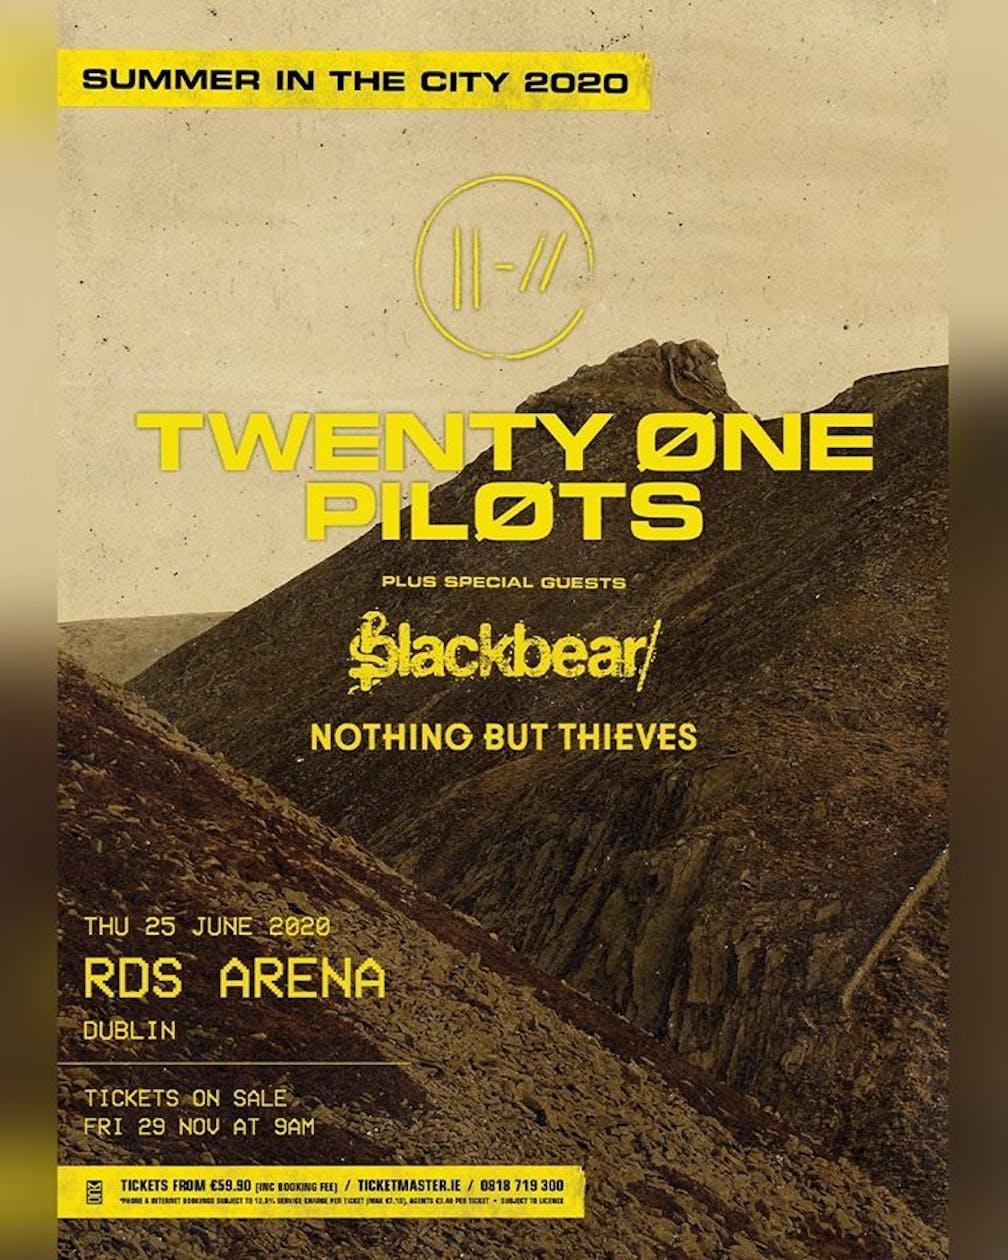 21 Pilots Tour 2020.Twenty One Pilots Have Announced A Dublin Show The Day